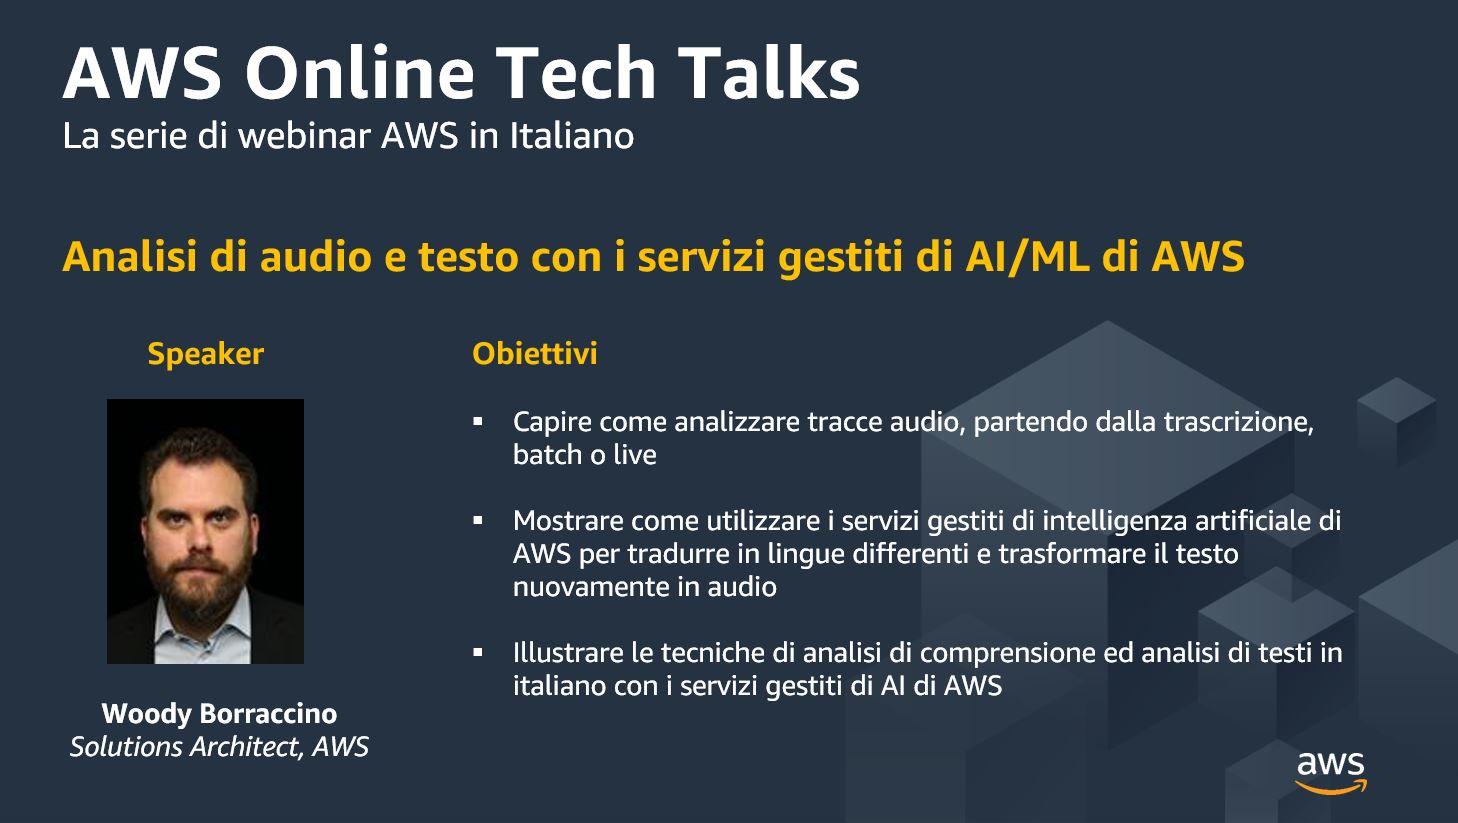 Analisi di audio e testo con i servizi gestiti di AI-ML di AWS